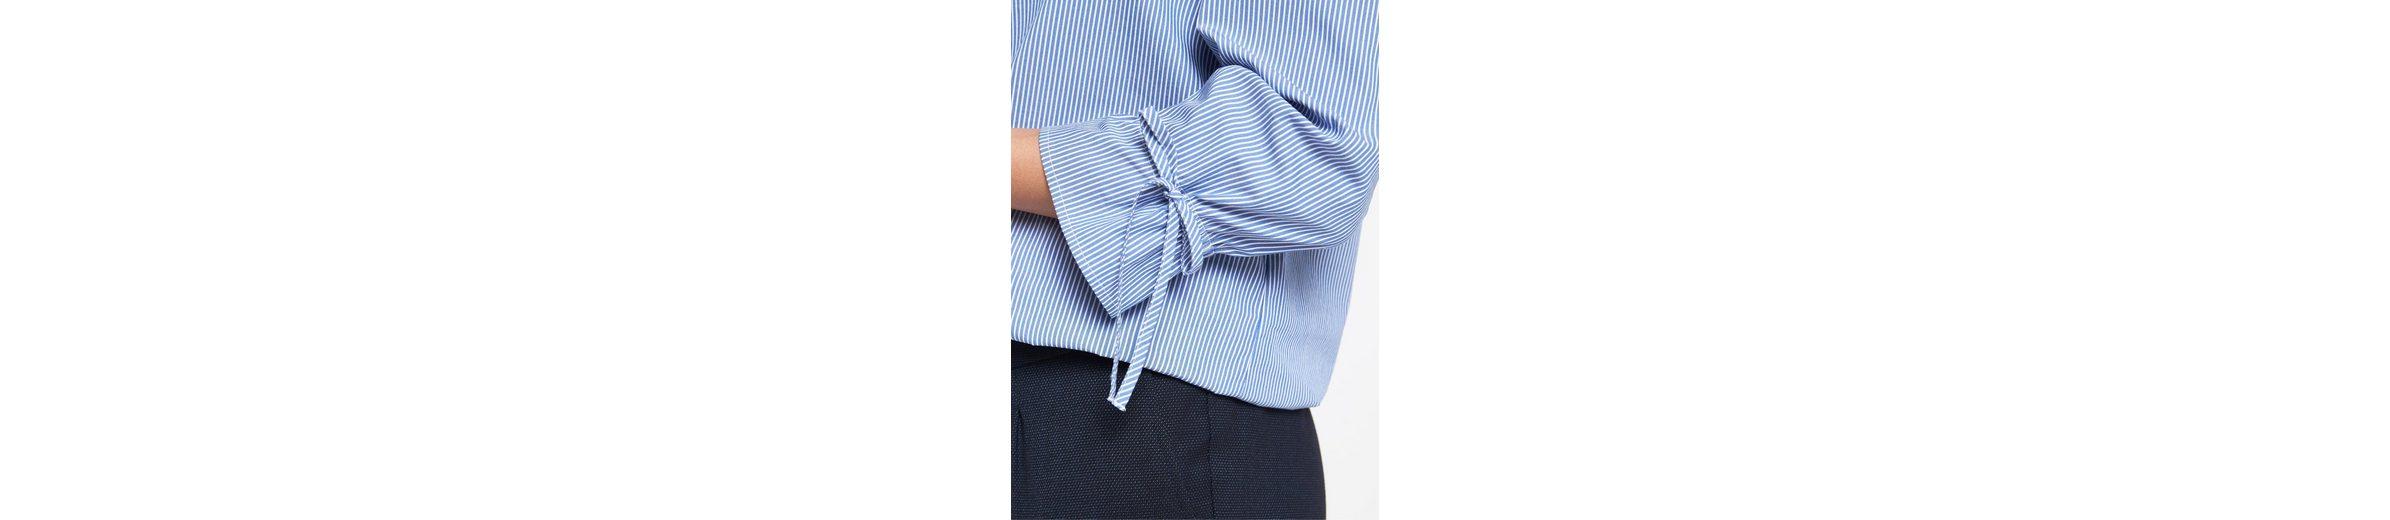 COMMA Schulterfreie Bluse mit Längsstreifenmuster Bequem Online MuW3Jl8VC0